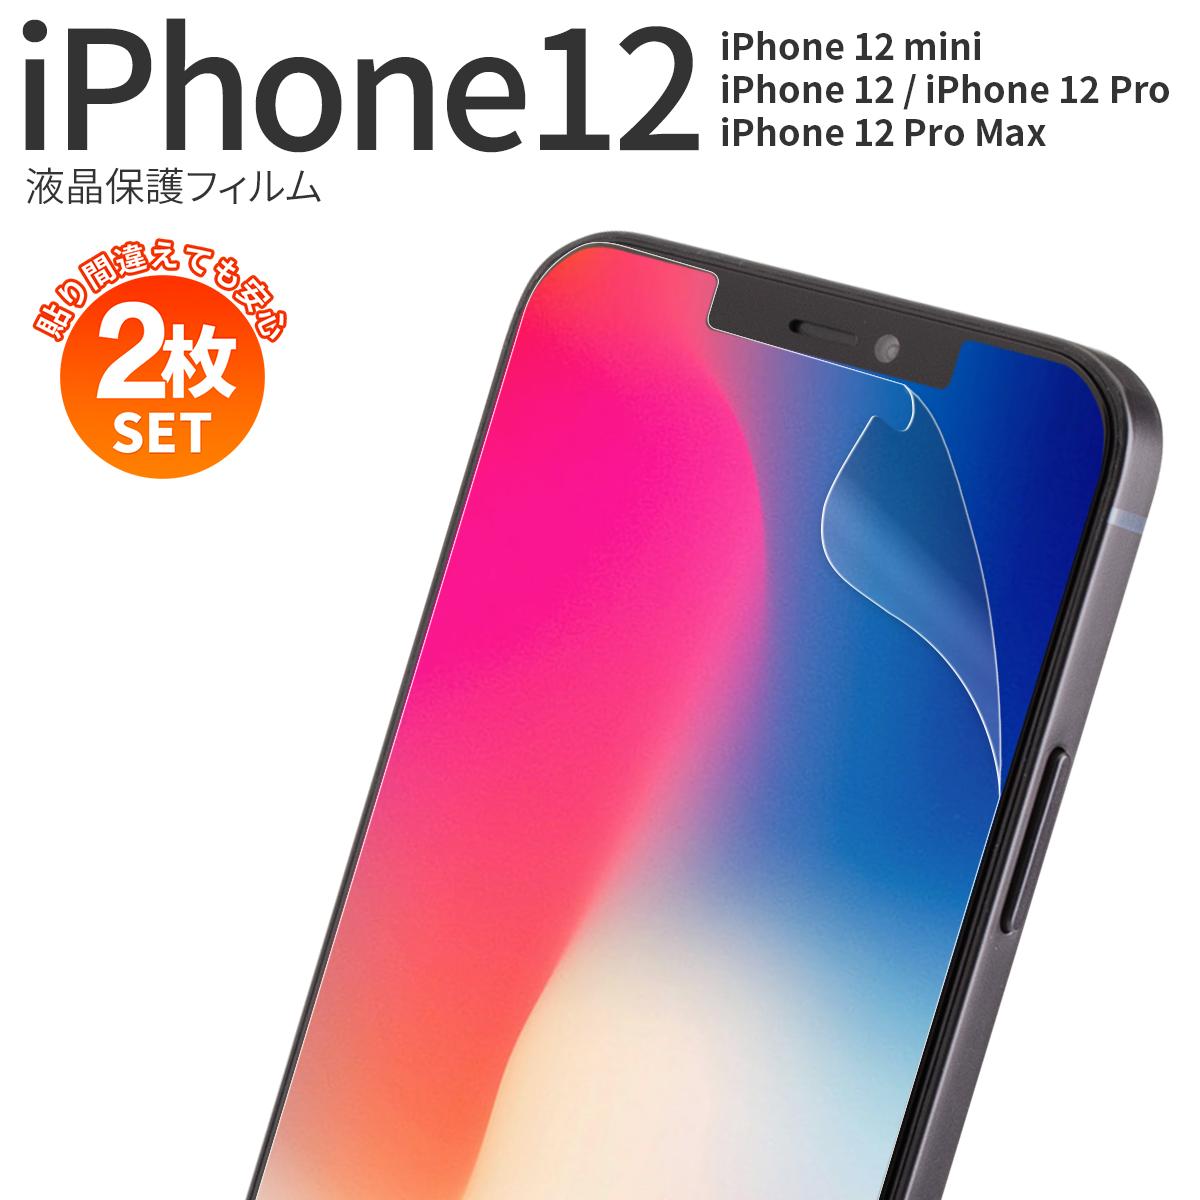 液晶保護フィルム 情熱セール iPhone12mini iPhone12 iPhone12Pro iPhone 12 Pro Max お見舞い フィルム 人気 ブルーライトカット サラサラ おすすめ 指紋 アンチグレア mini sale